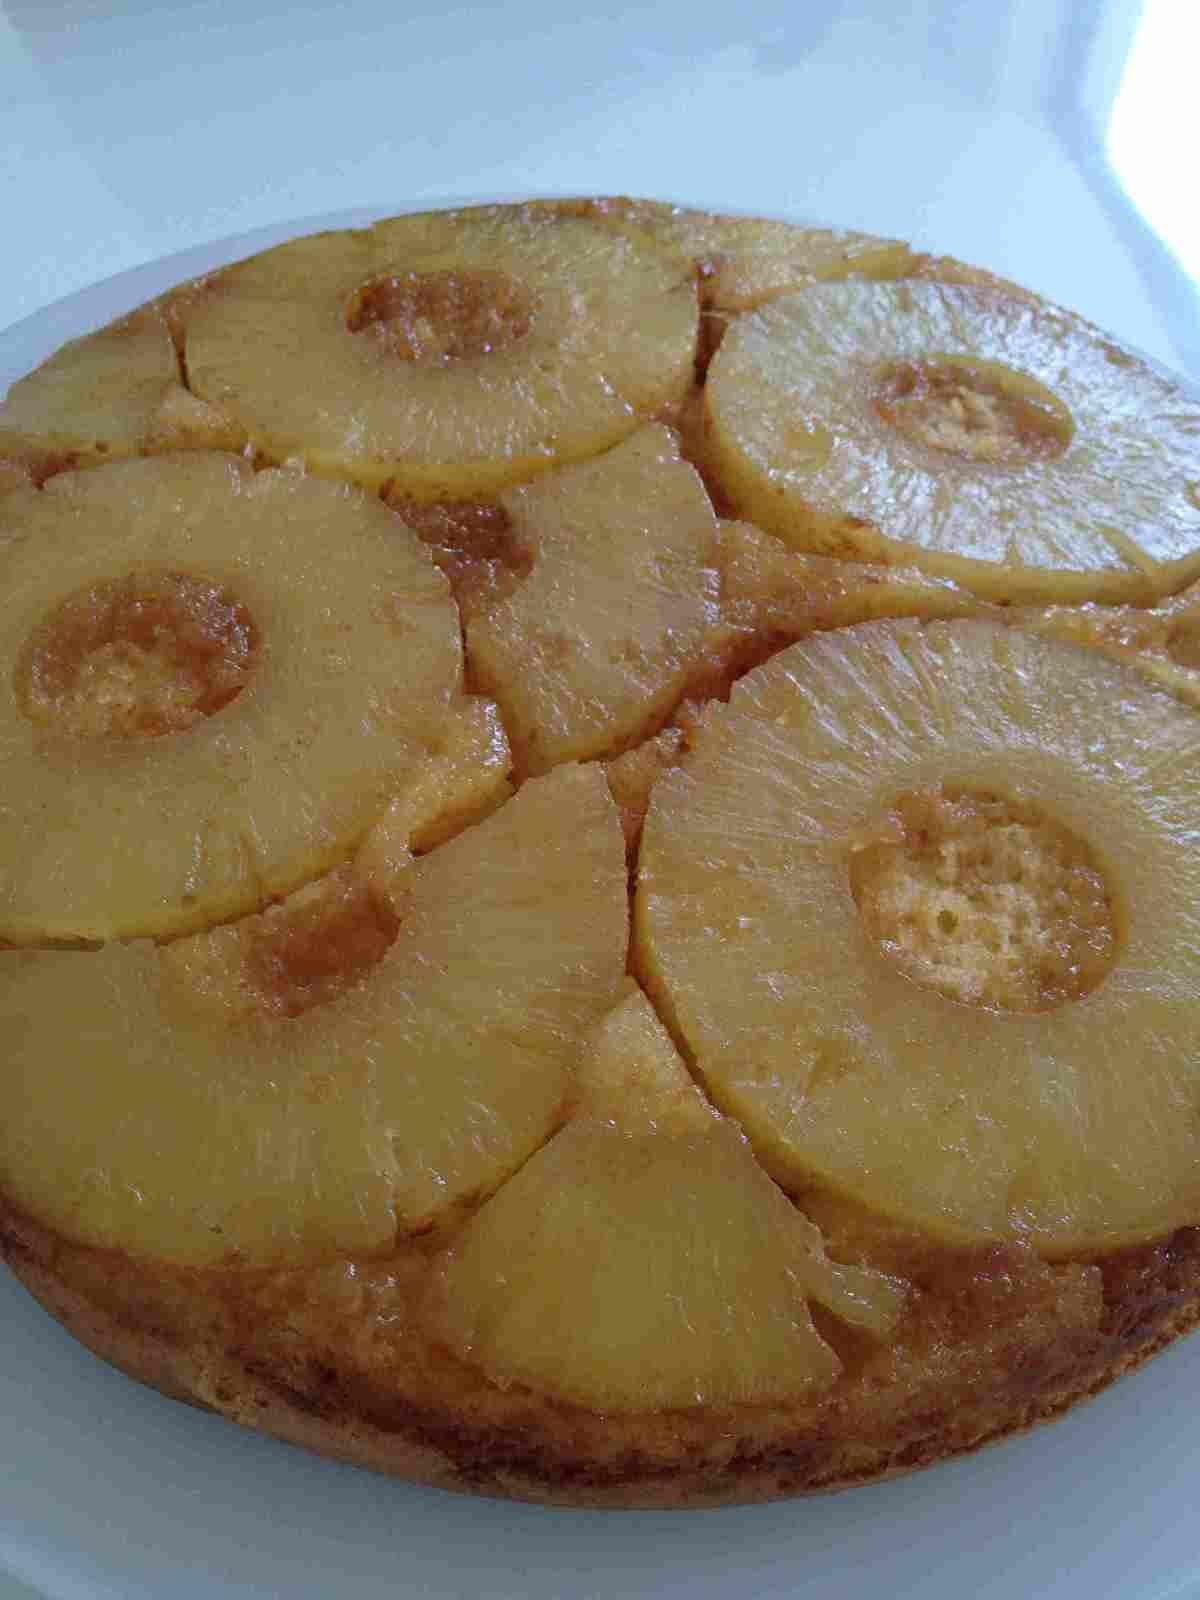 Gâteau renversé à l'ananas et au caramel au beurre salé